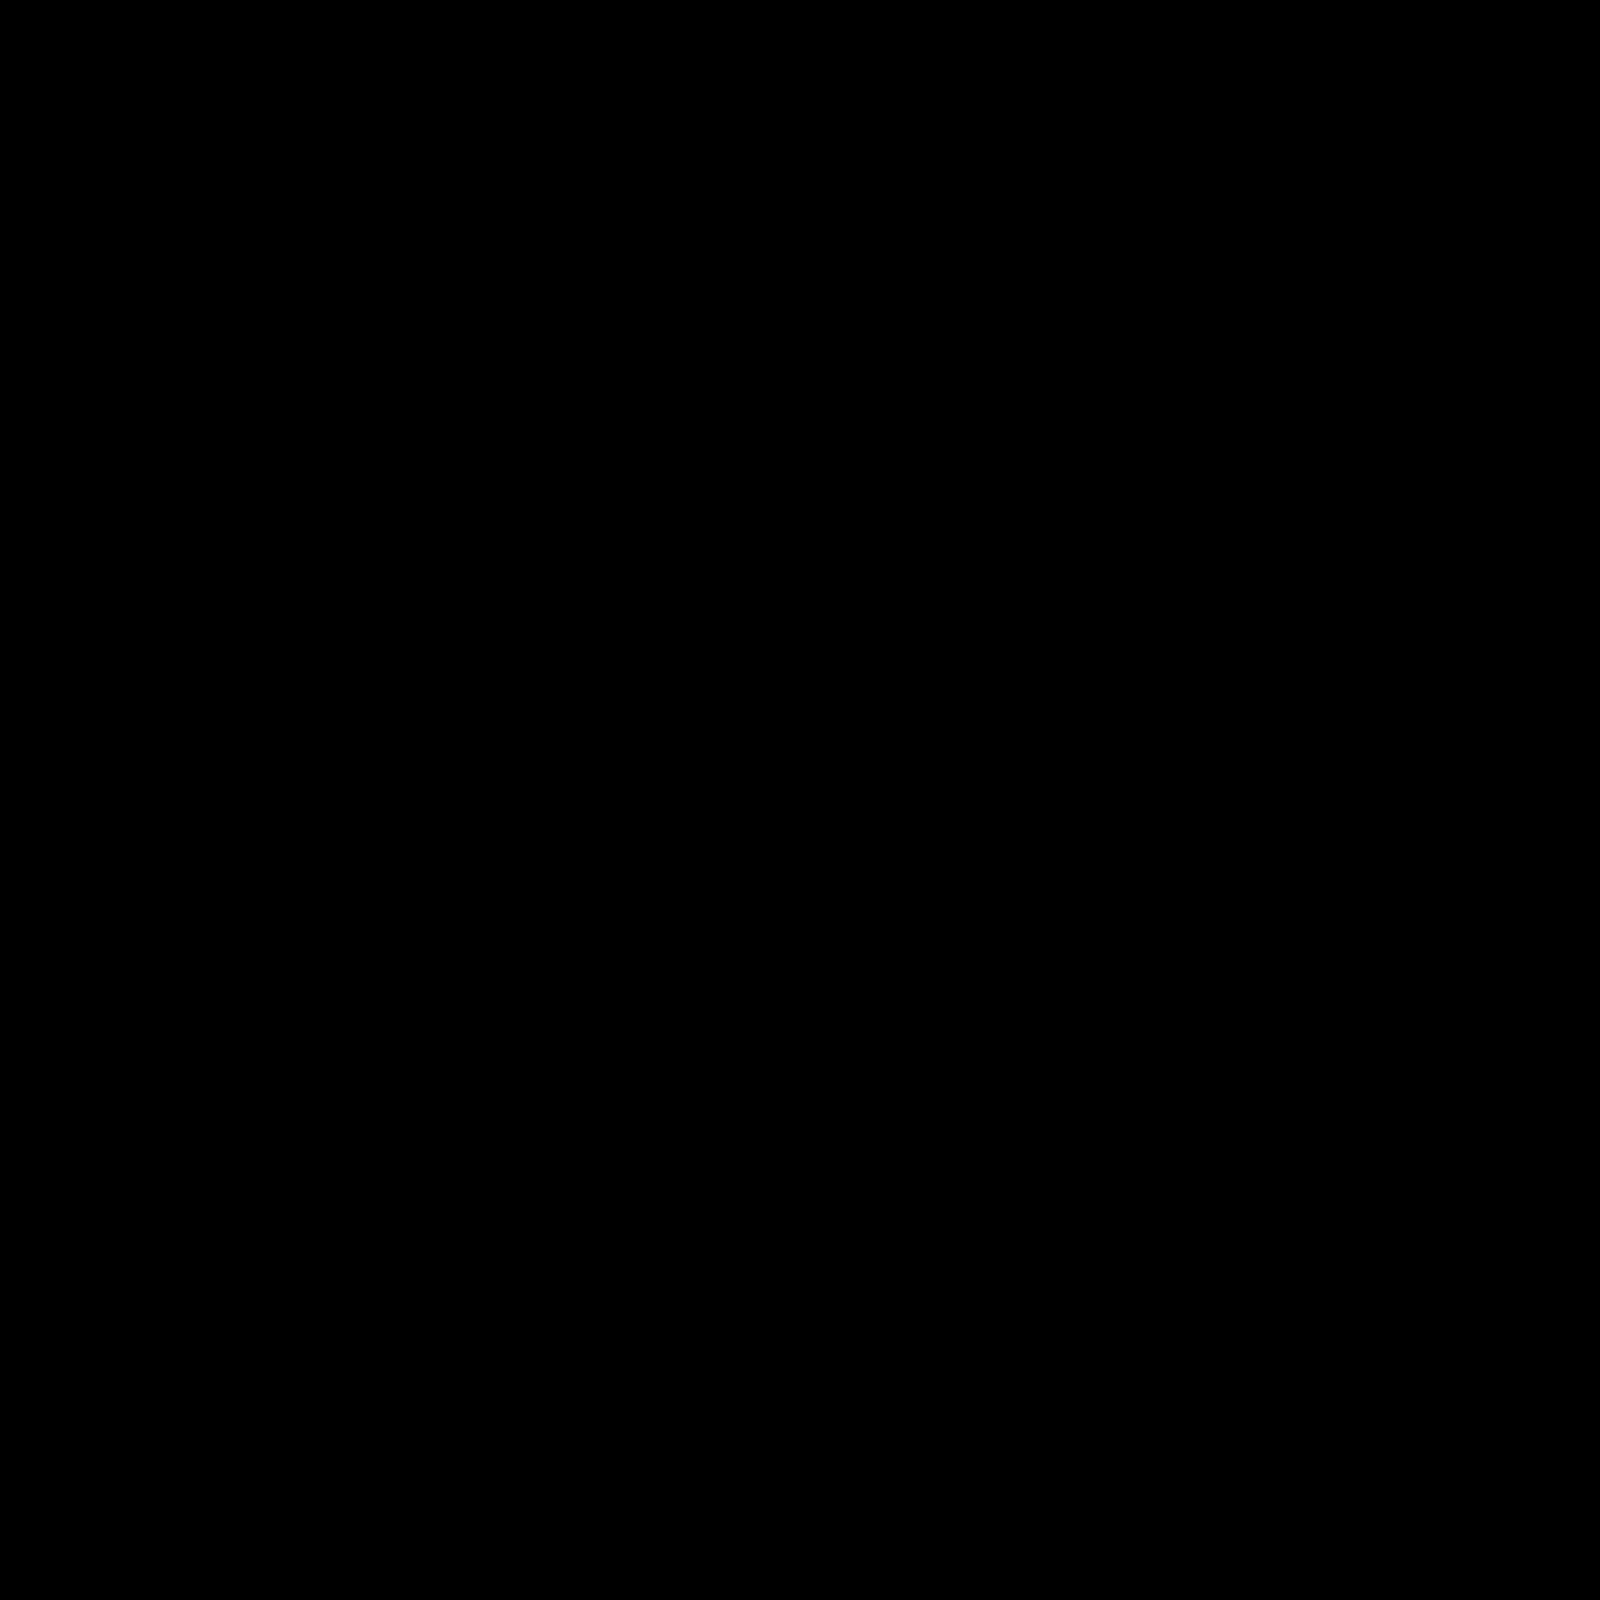 zbiornik paliwa icon